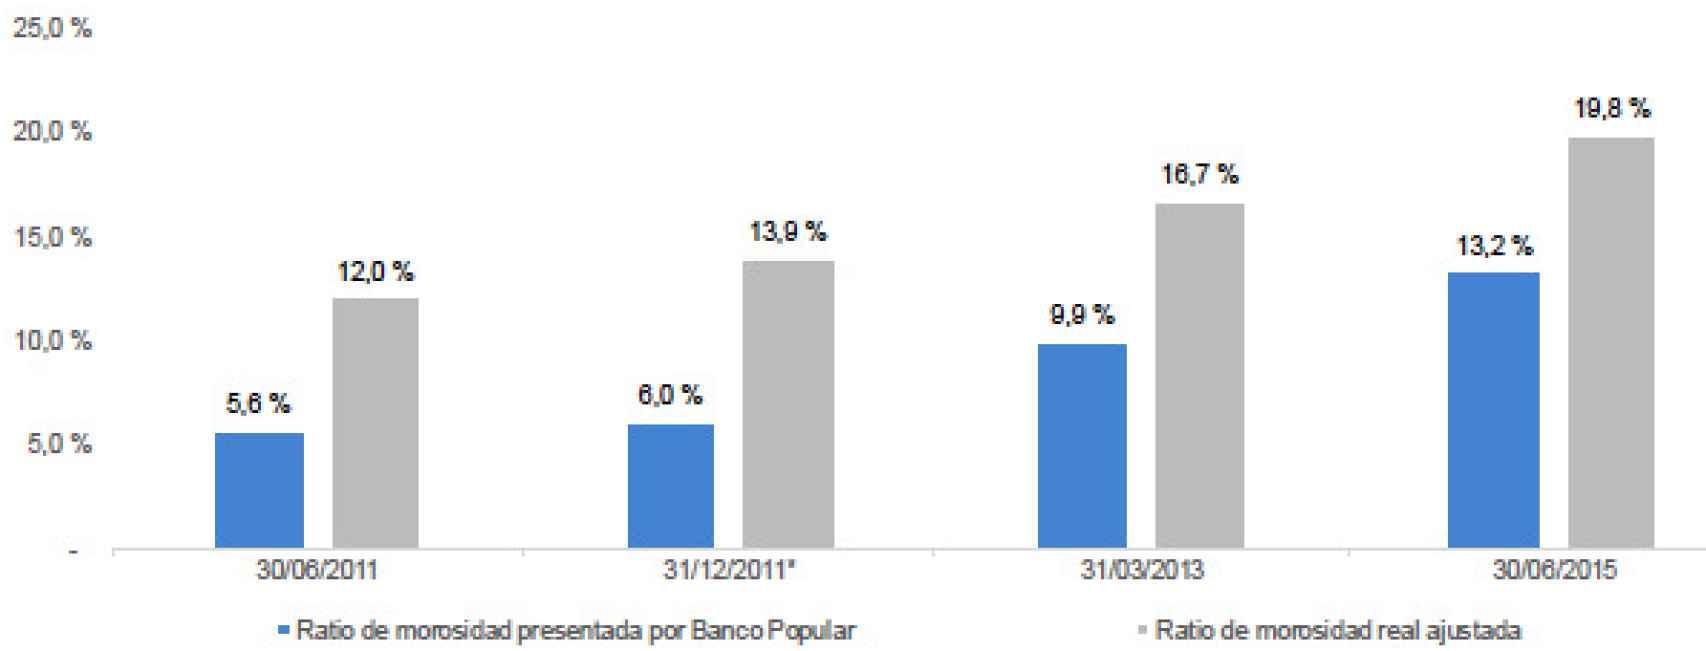 Ratio de morosidad presentada por Banco Popular vs. ratio de morosidad real ajustada.